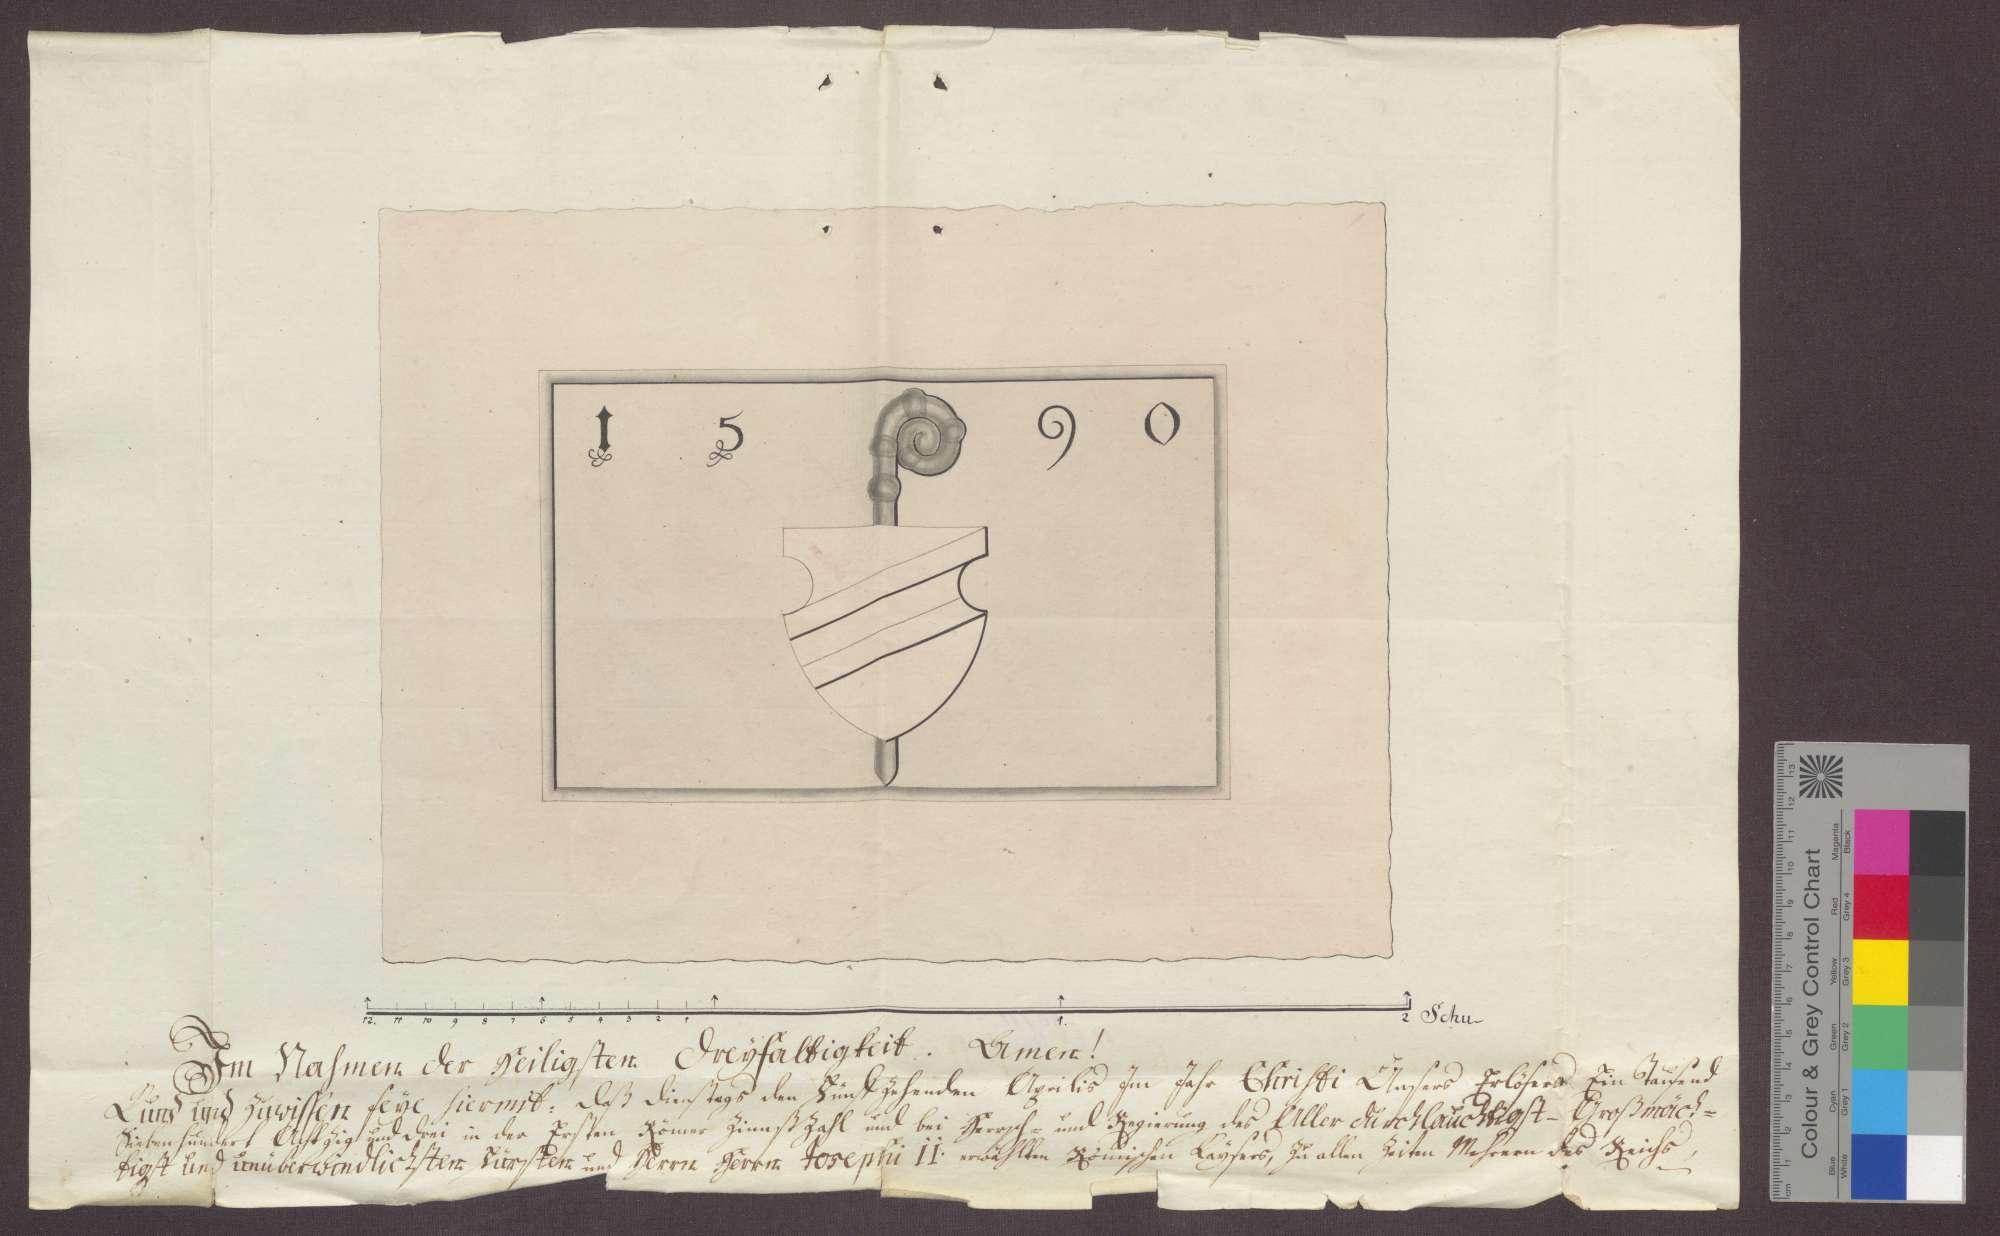 Der Notar Daniel Lembre beurkundet auf Ansuchen des Markgrafen von Baden die Existenz eines Steins mit dem badischen Wappen und der Jahreszahl 1590 an der dem Kloster Frauenalb gehörigen Kelter zu Ersingen., Bild 1